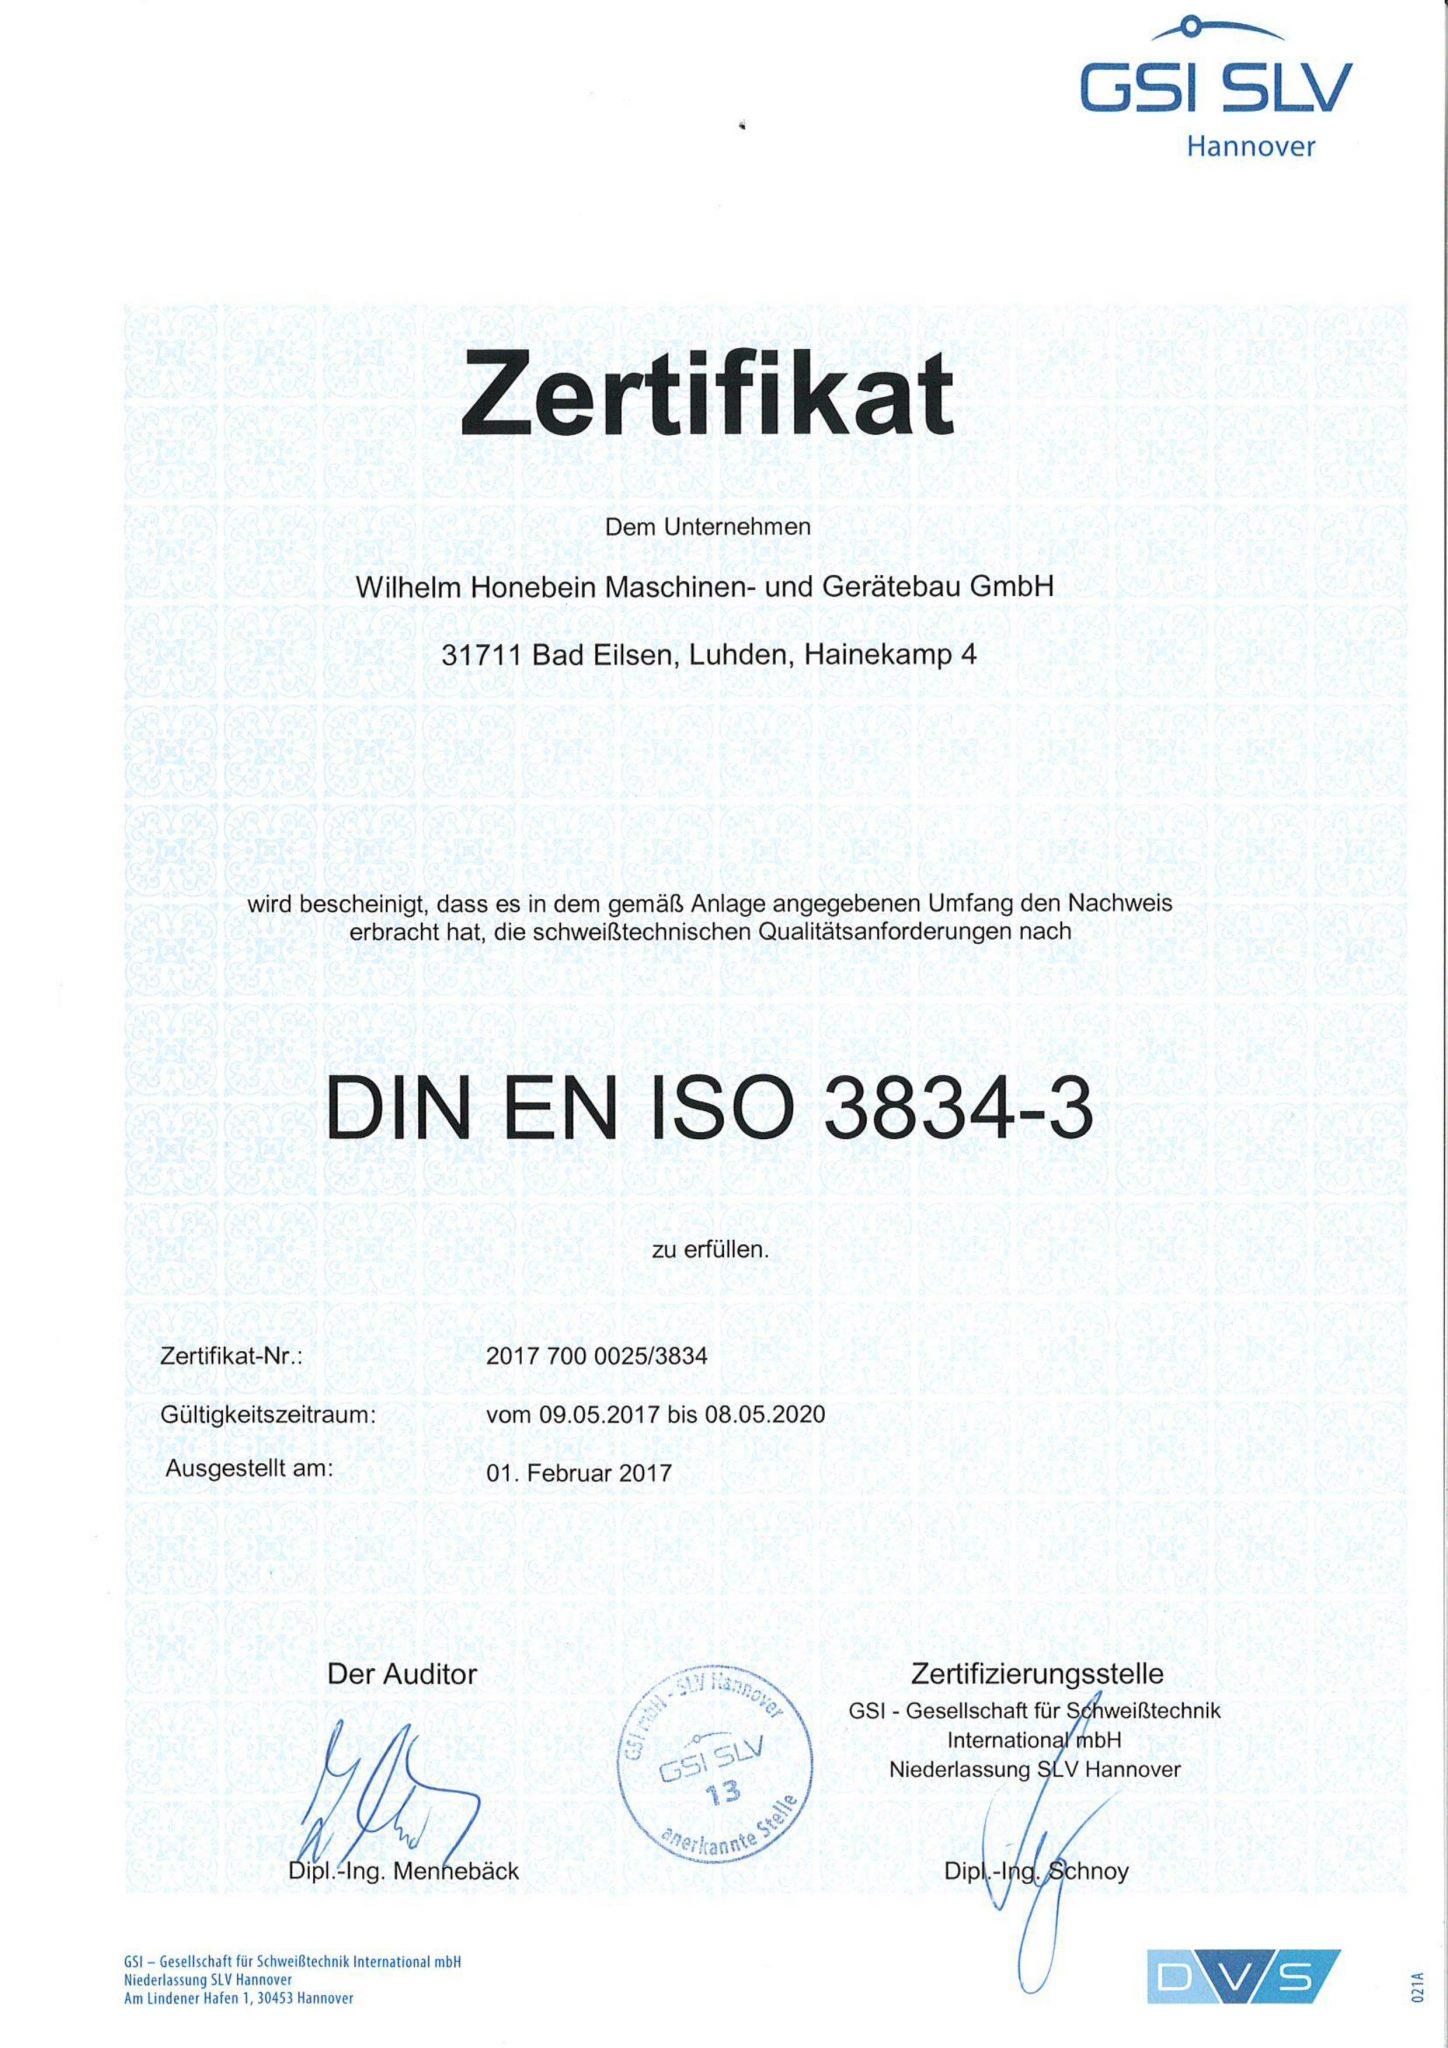 Zertifikat schweißtechnische Qualitätsanforderungen DIN EN 3834-3